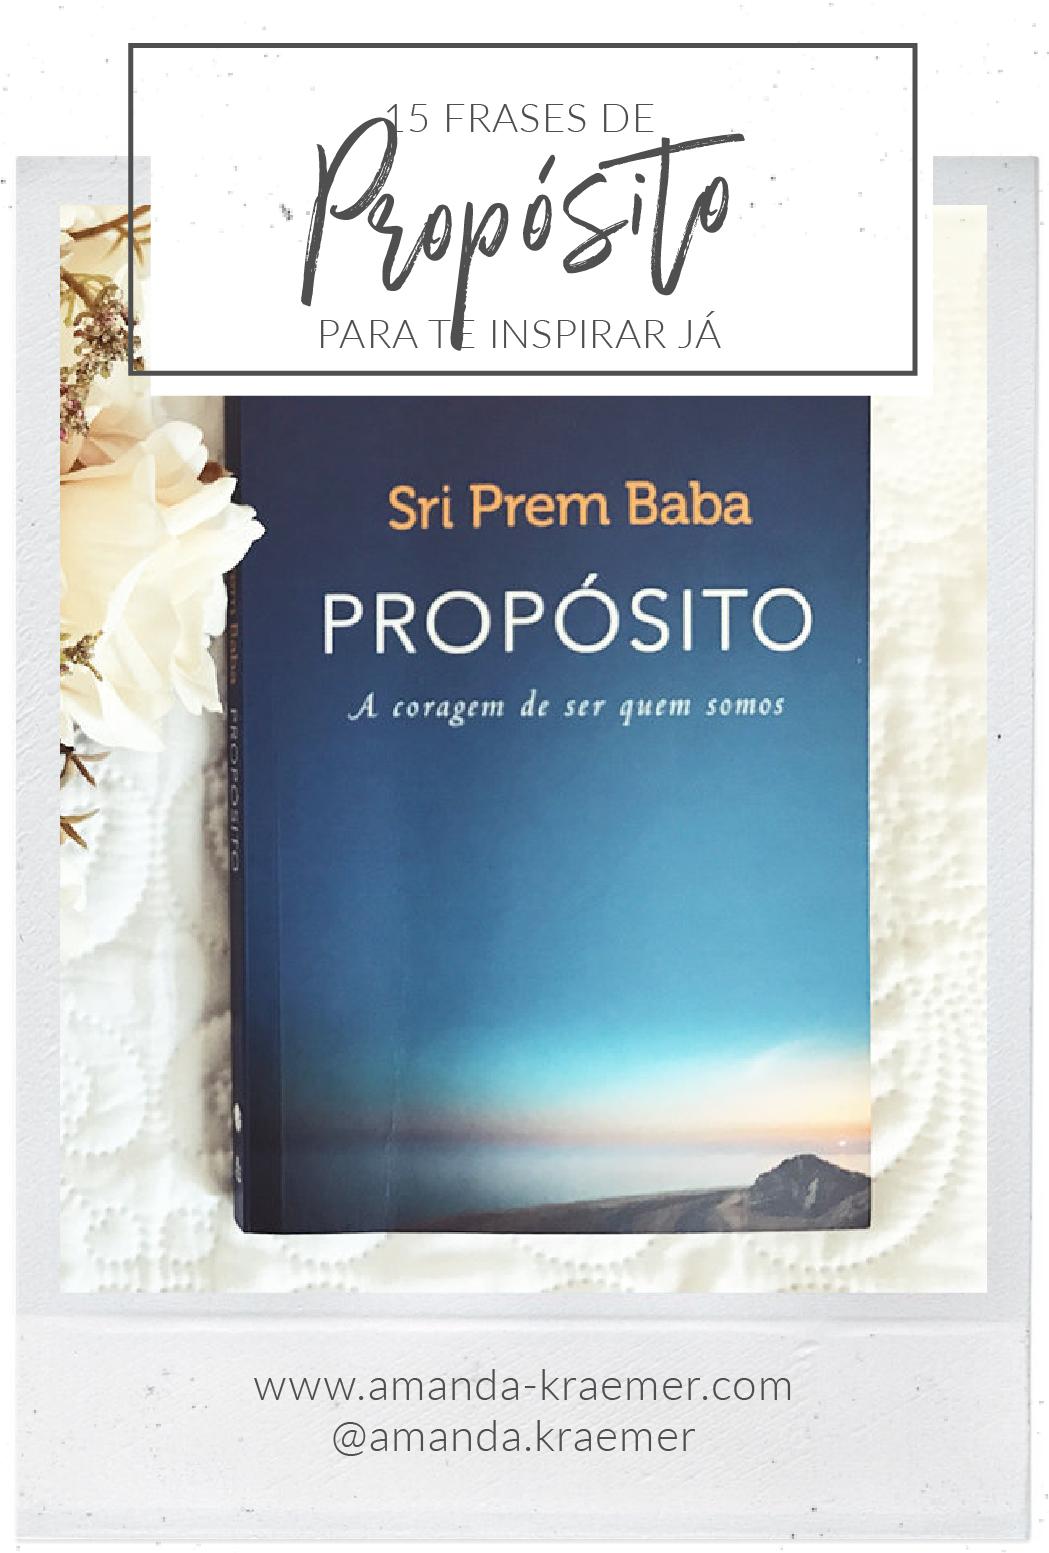 PROPOSITO-CAPA-SRI-PREM-BABA.jpg